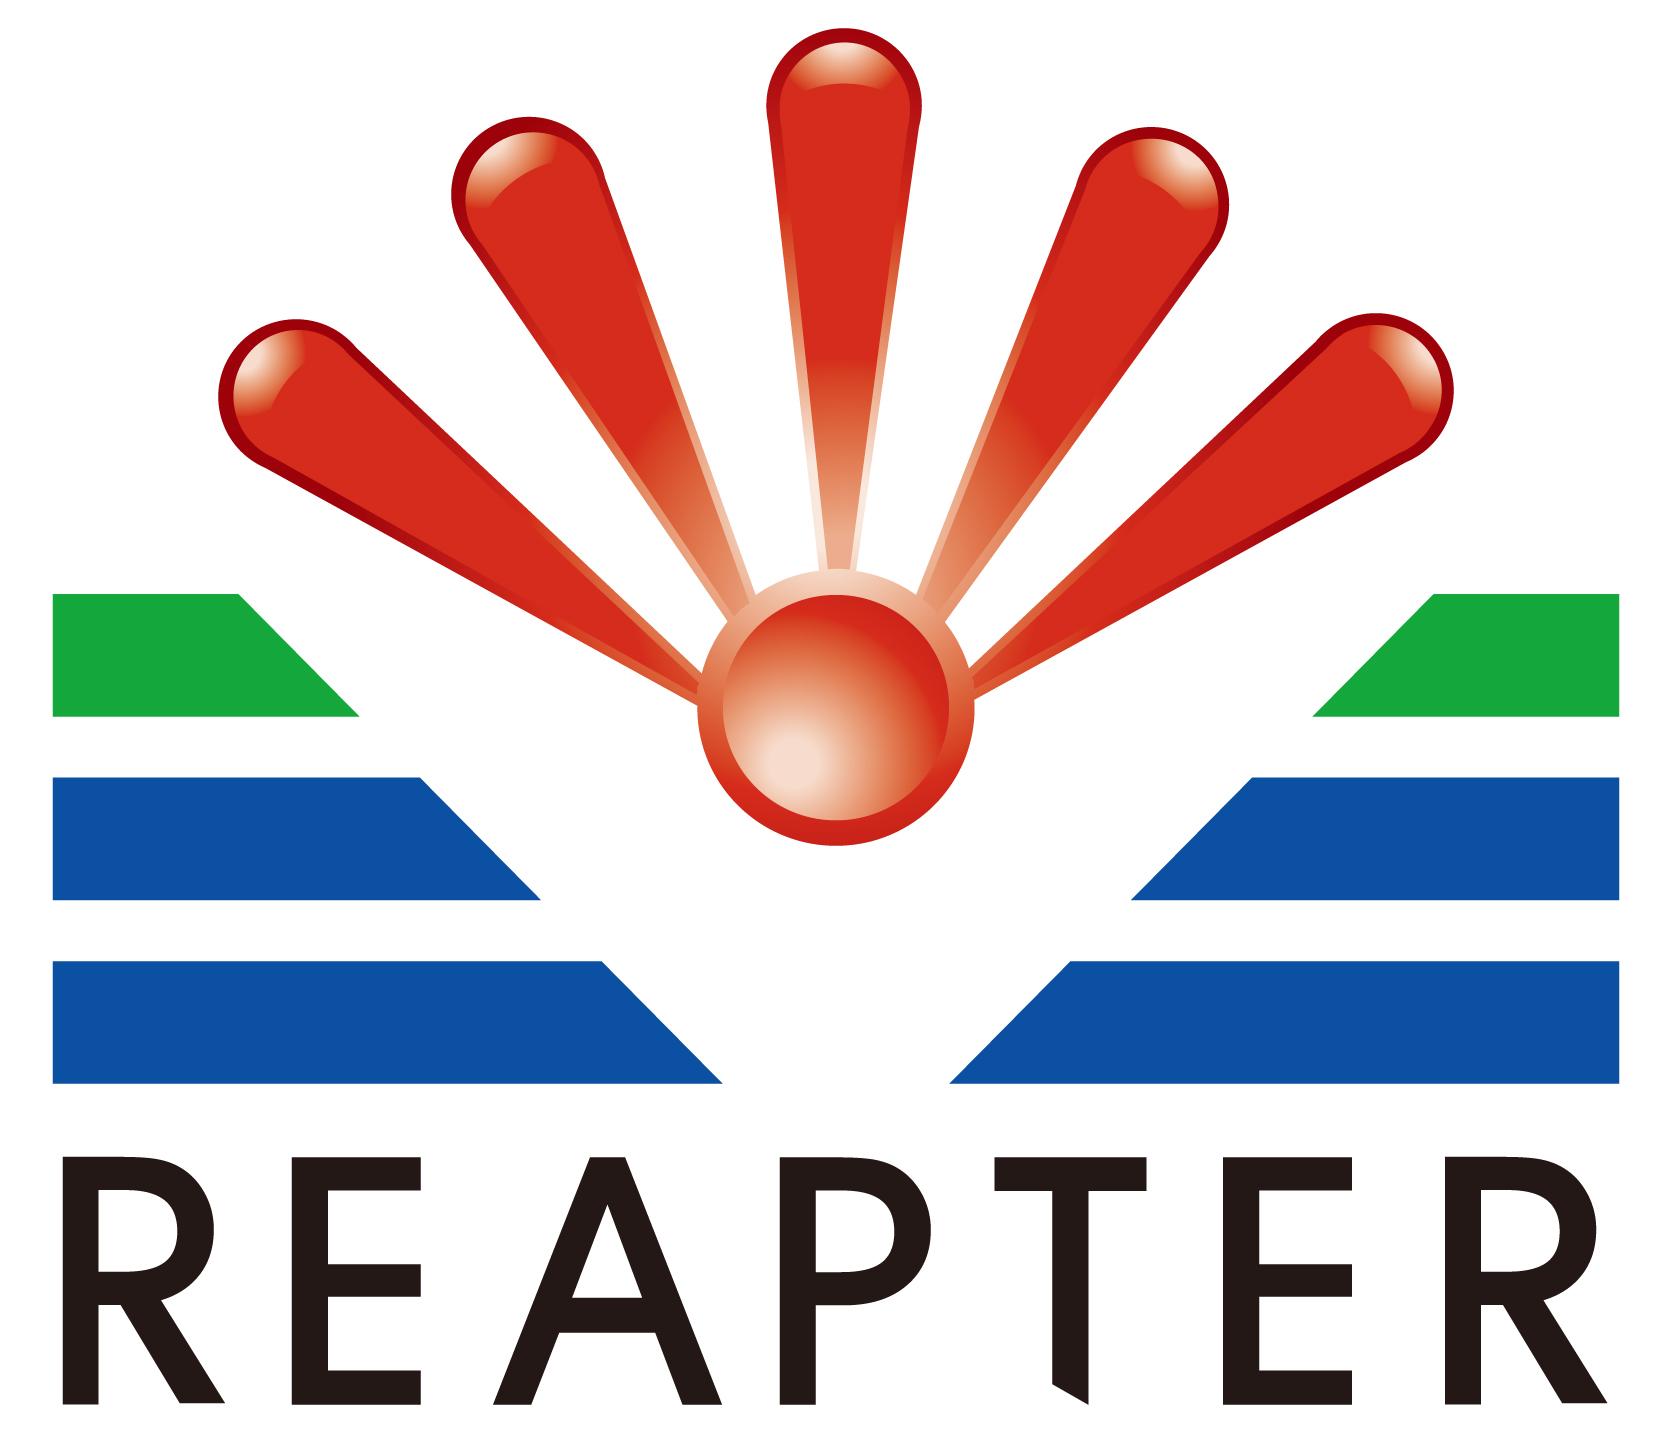 青島瑞普特換熱裝備制造有限公司